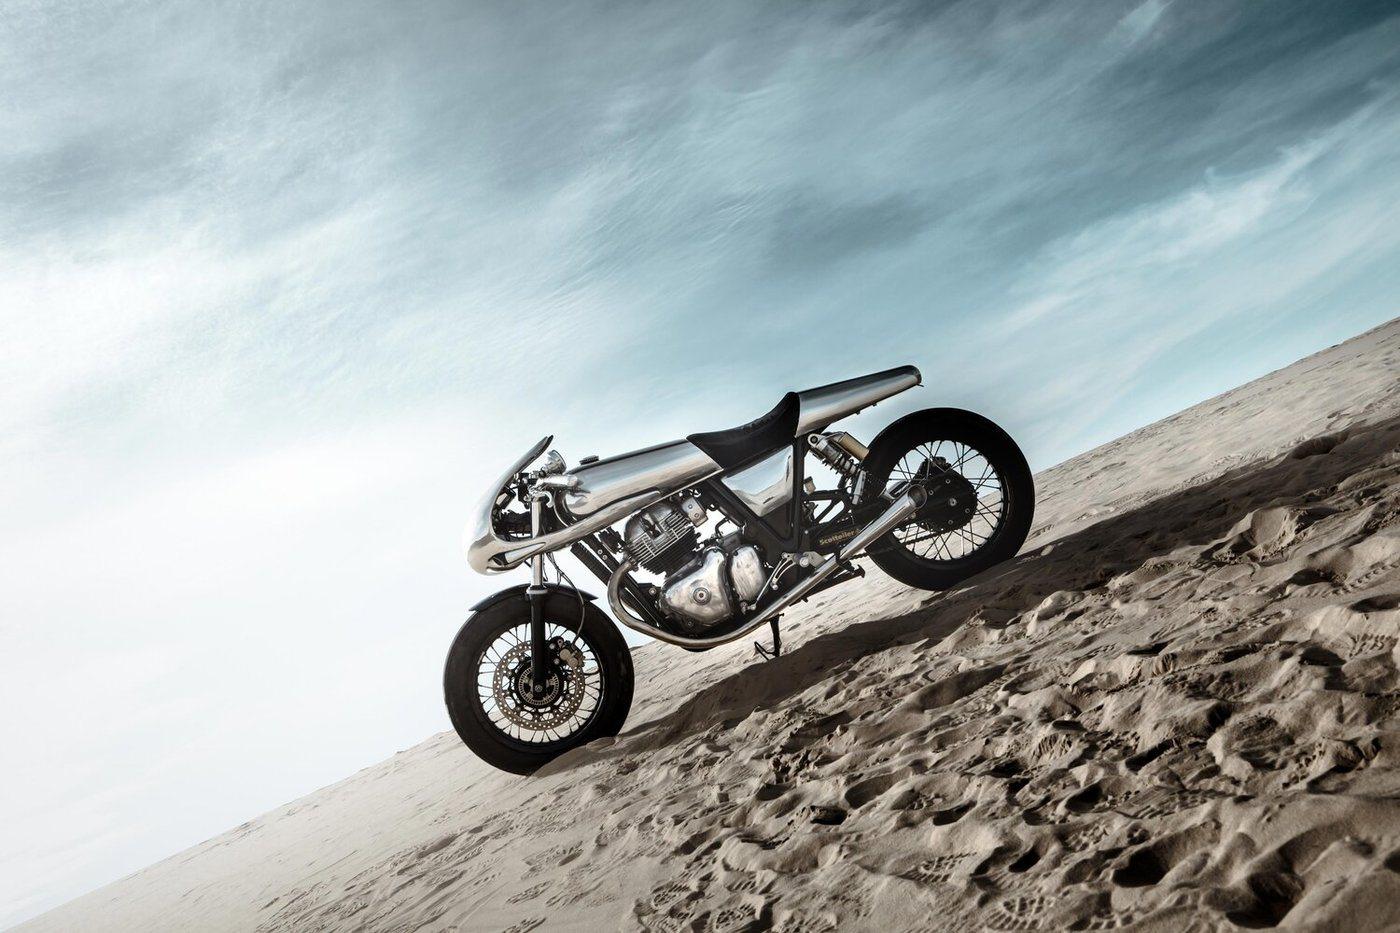 Así es The Jaeger, la nueva motocicleta de Bandit9 Motorcycles.